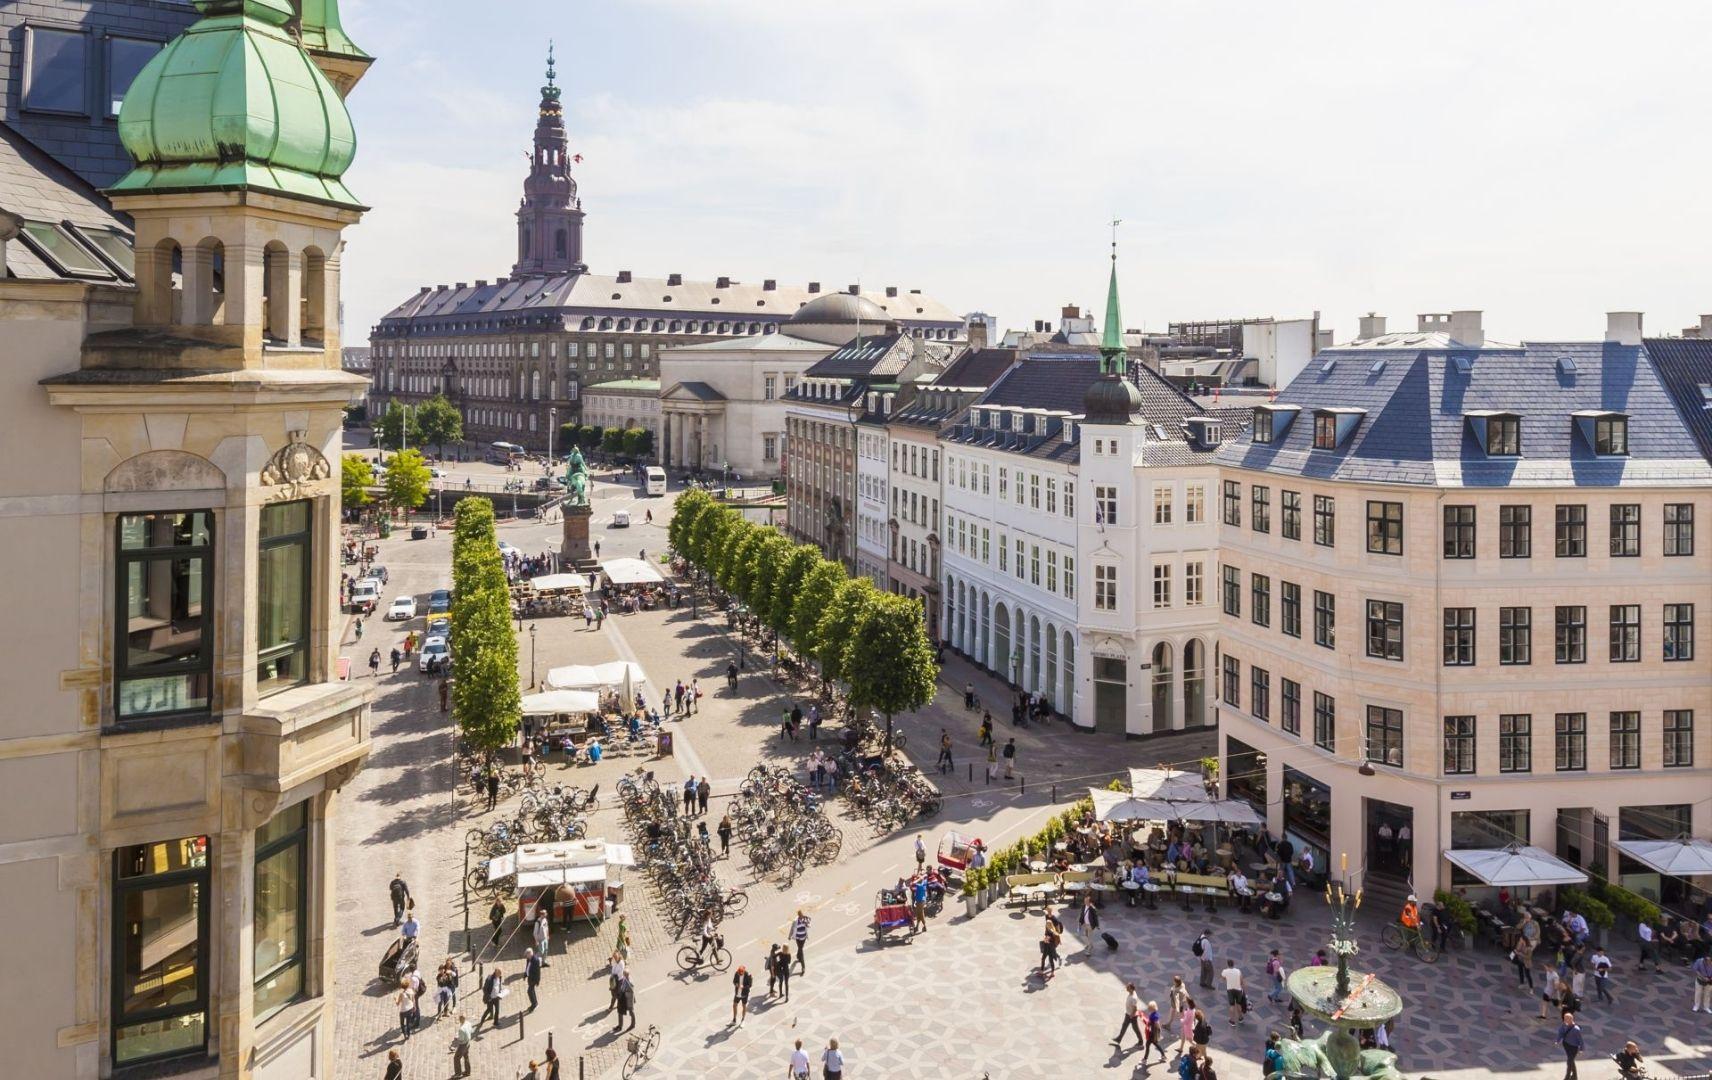 Reiseziel - Kopenhagen Innenstadt